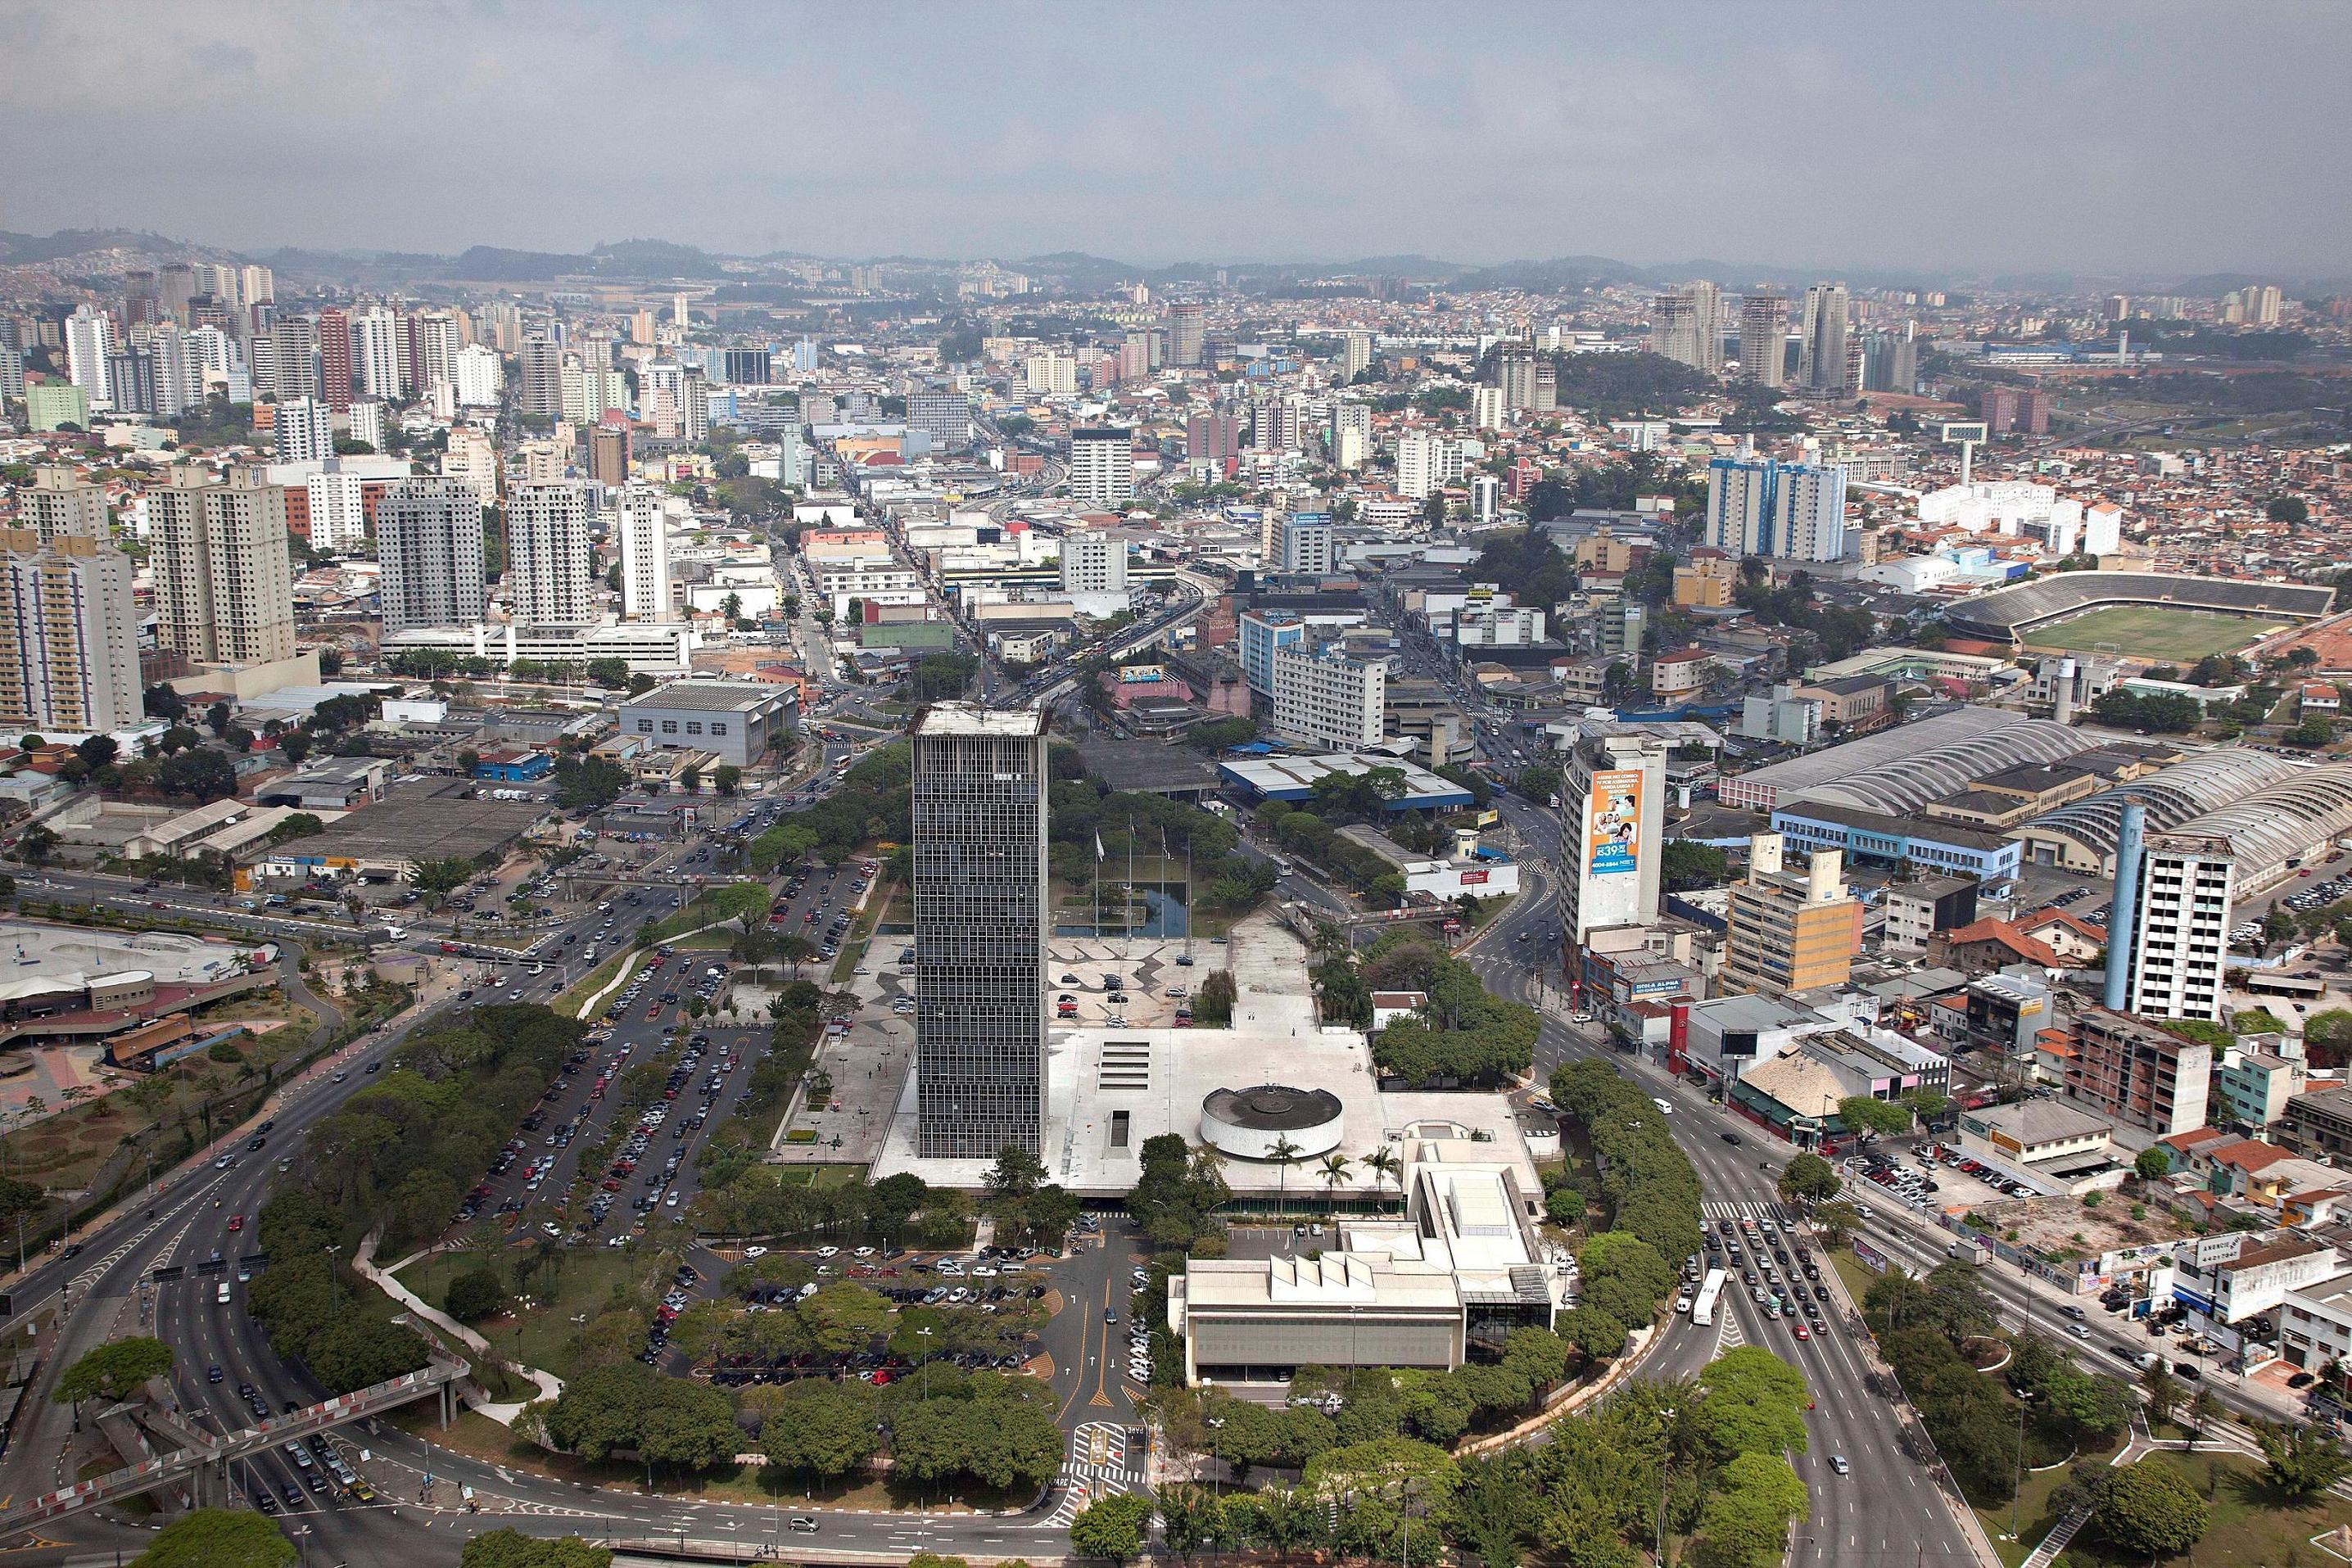 cidade-de-São-Bernardo-do-Campo.jpg